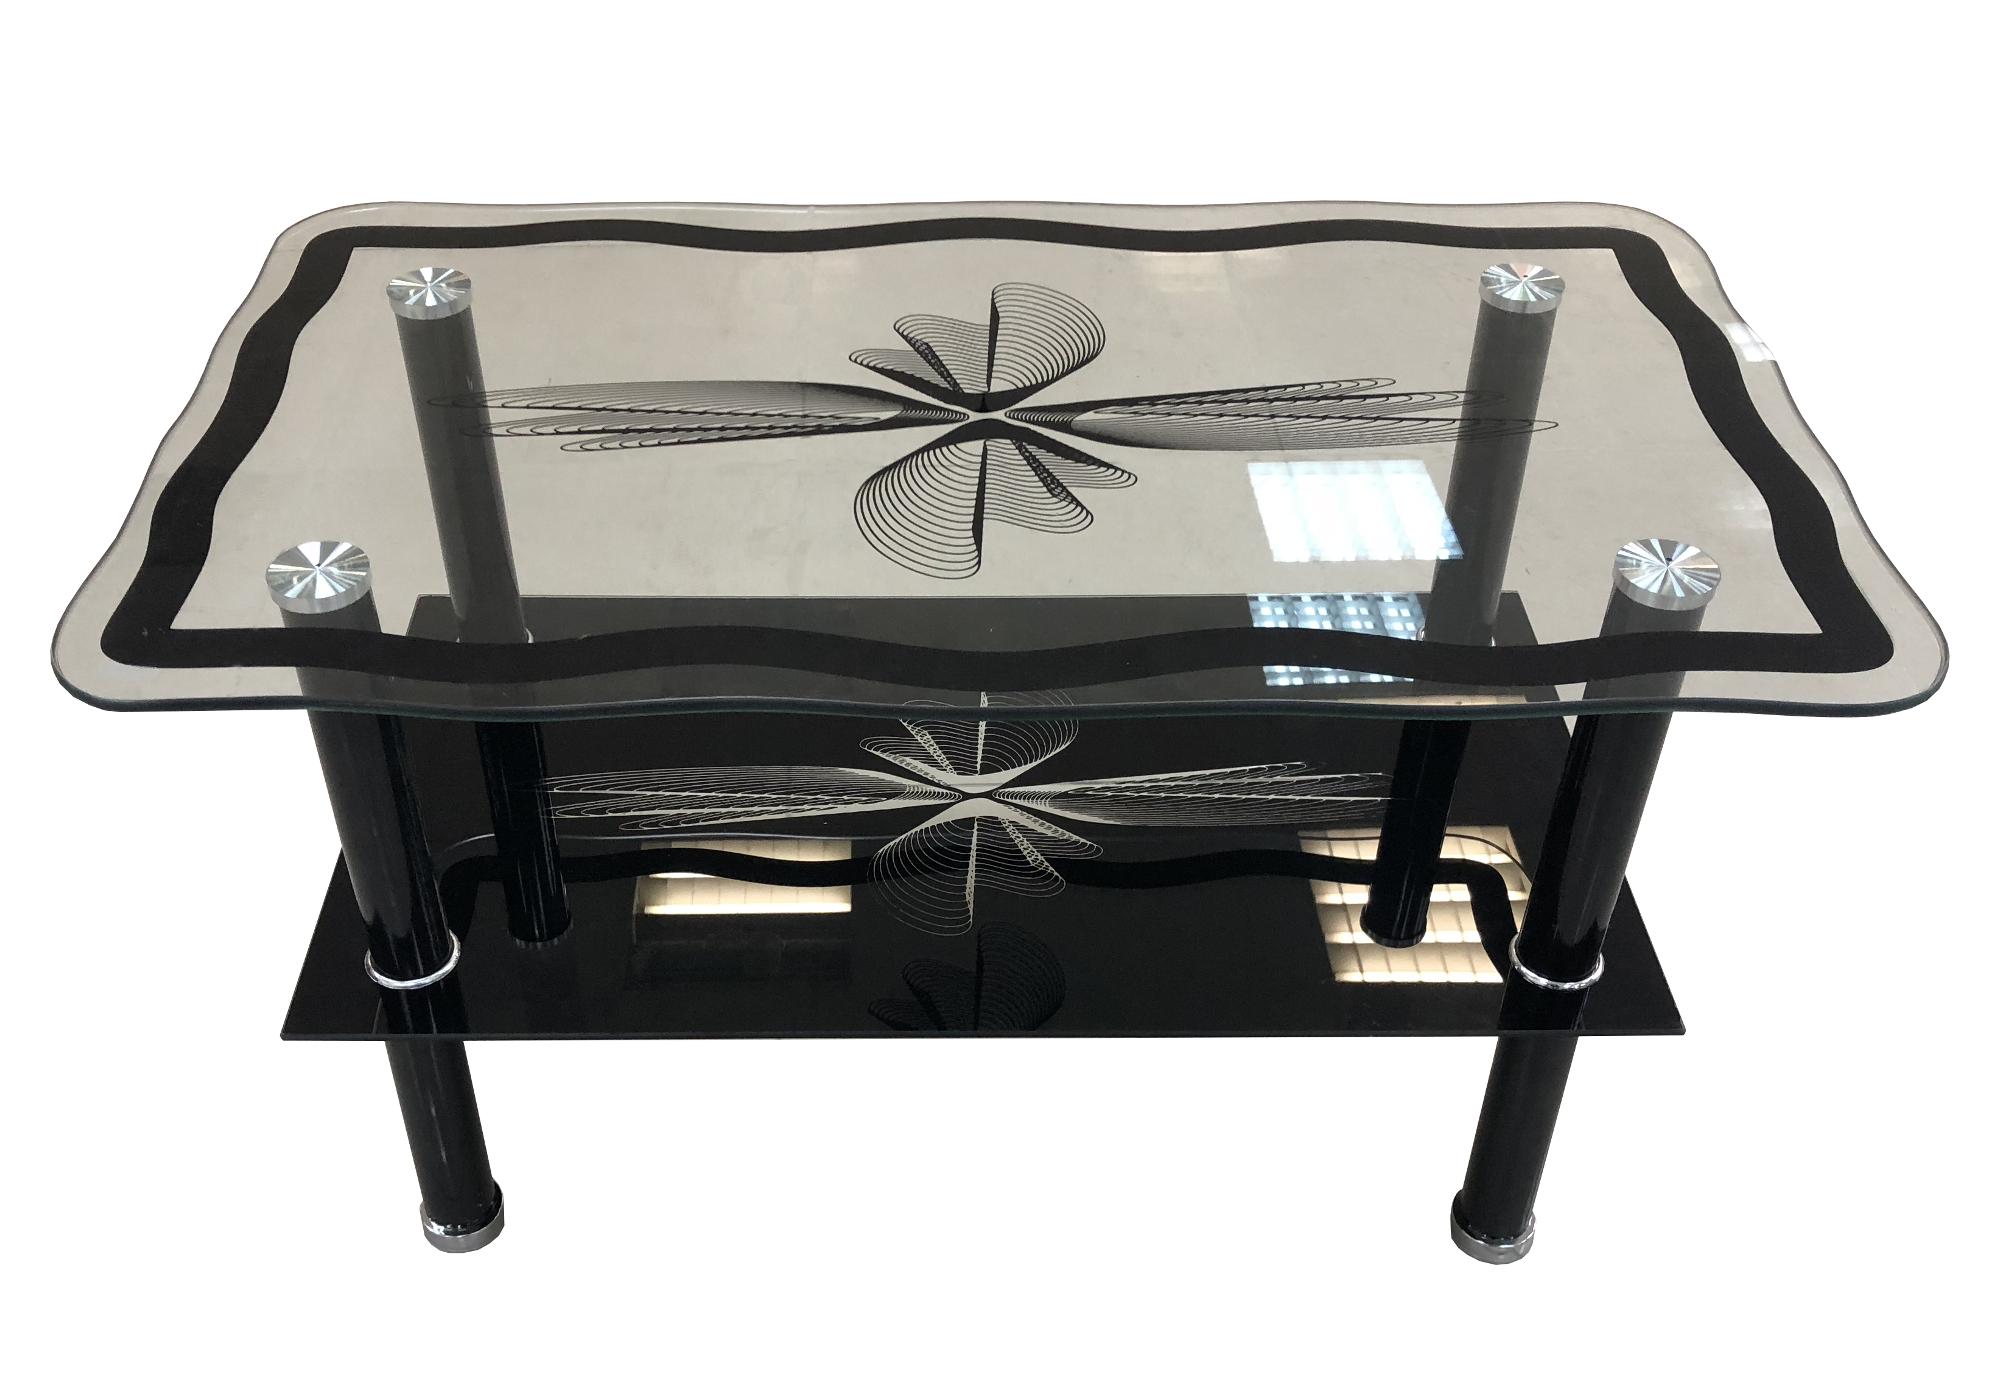 Table basse verre trempé noir HANA